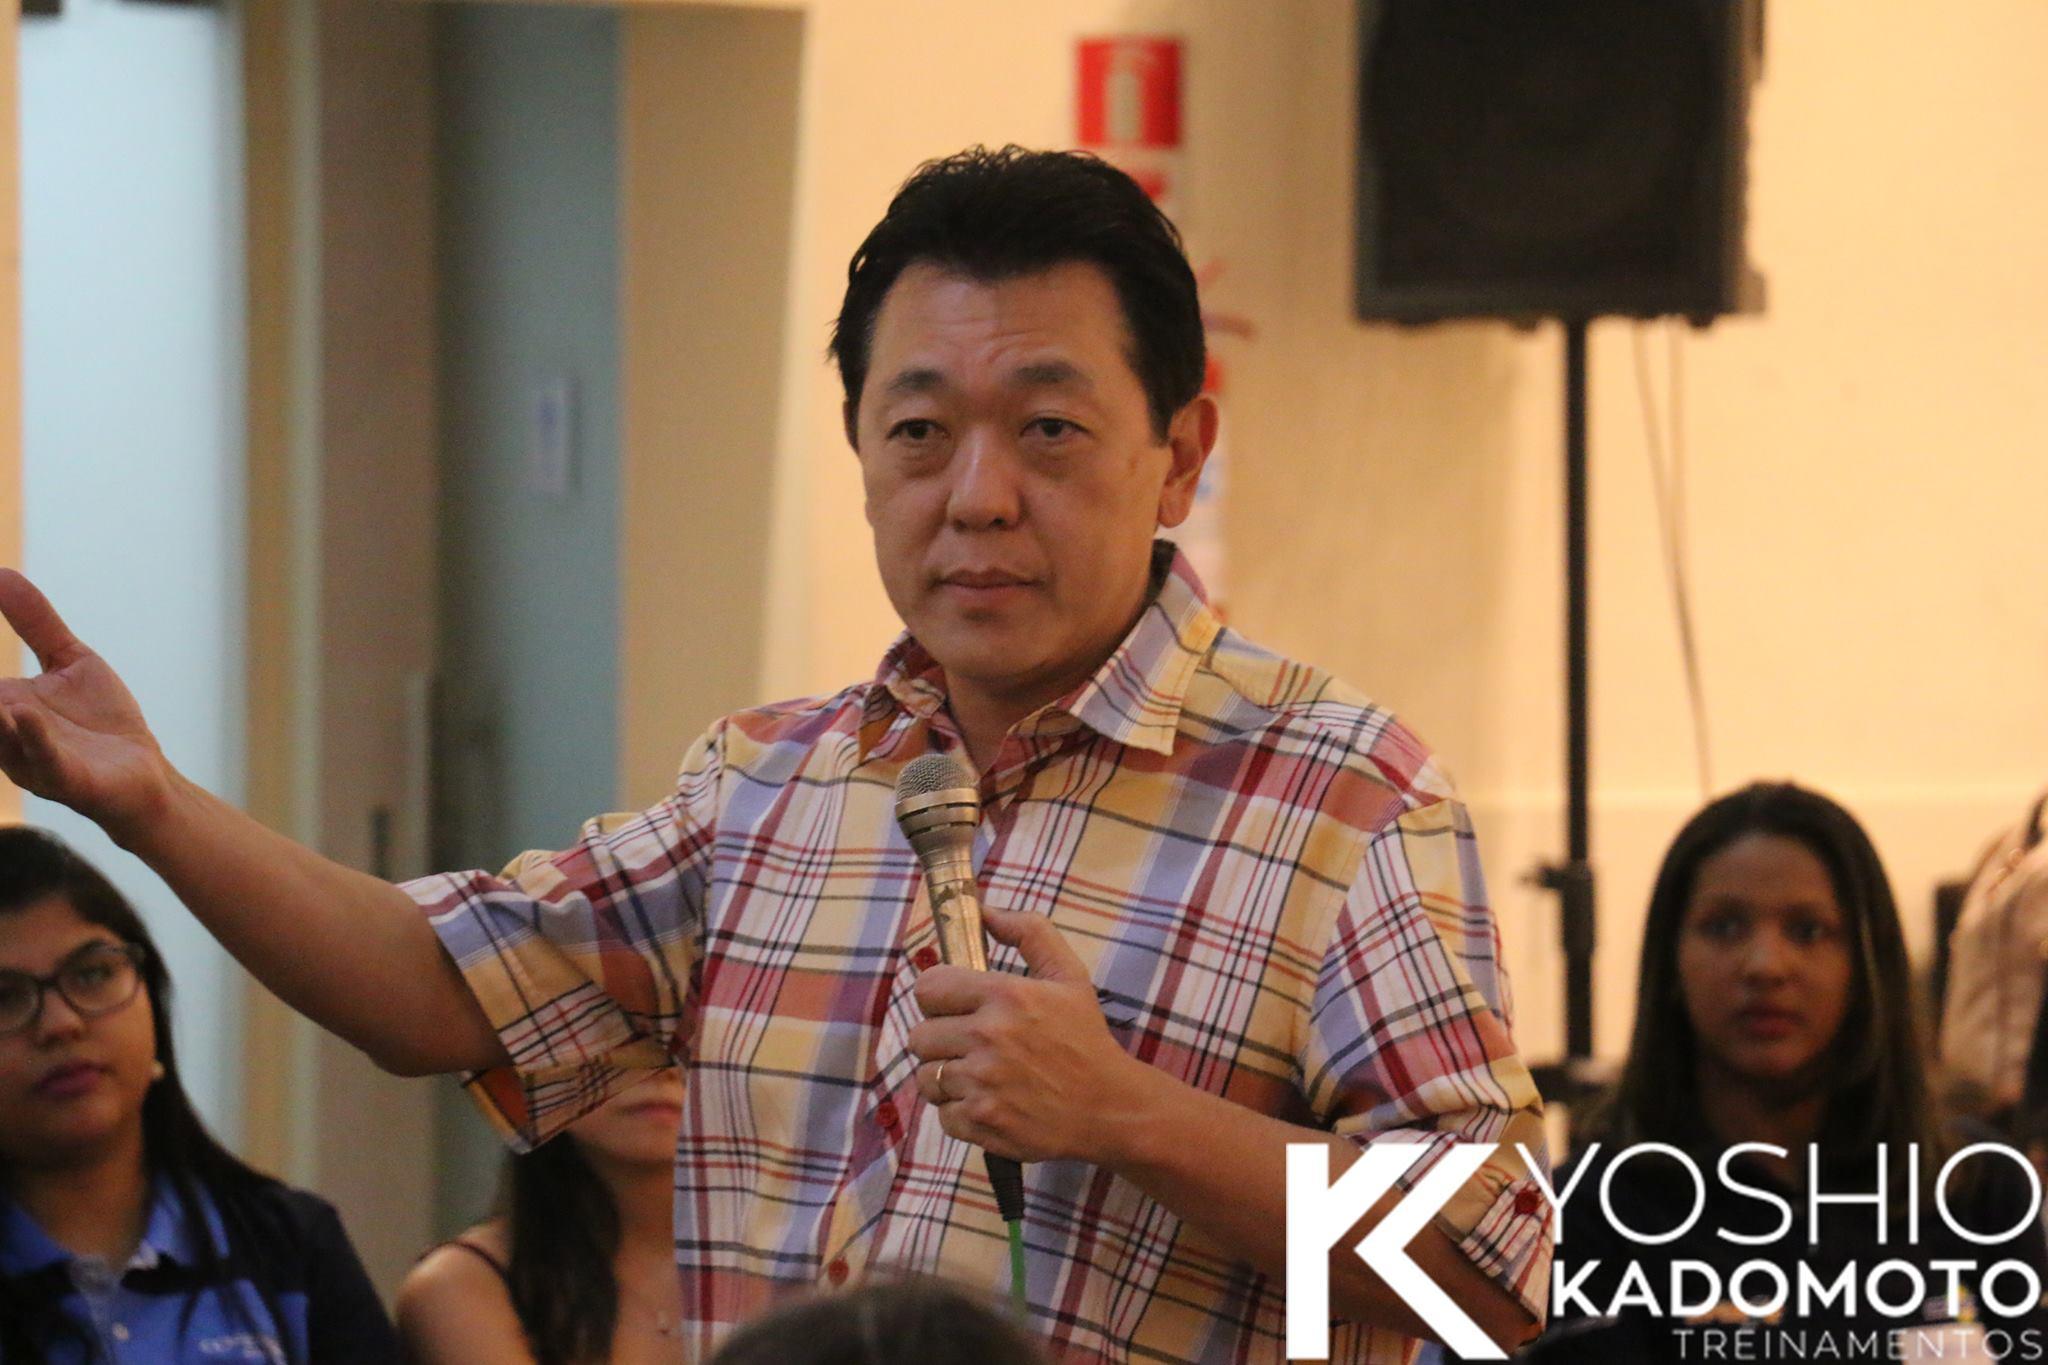 Yoshio Kadomoto - Liderança e Transformação